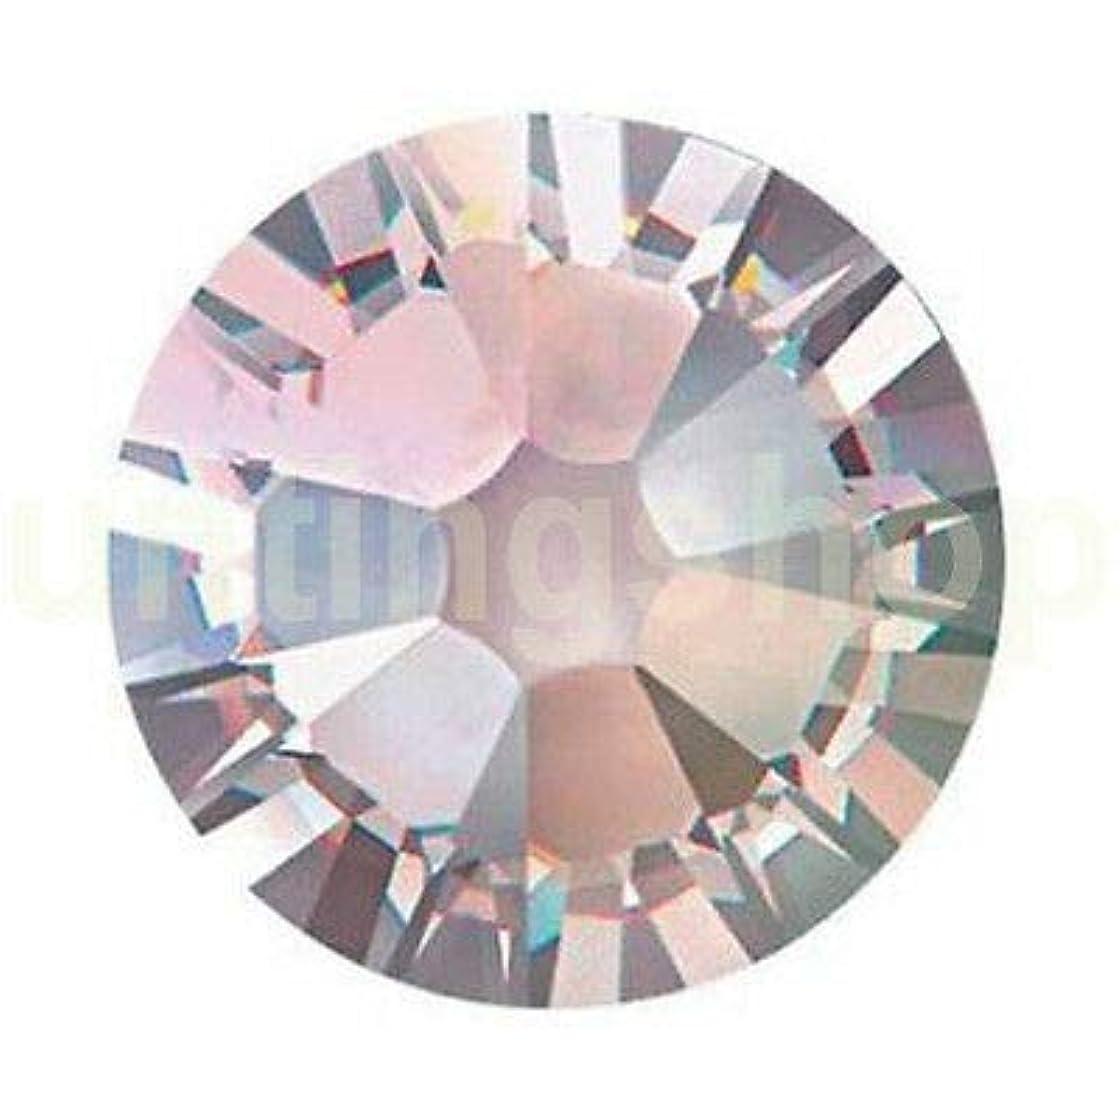 歩行者描く一瞬FidgetGear DIY 1.3-8.5 mmクリスタルヒラタラインストーンネイルアートデコレーションSS3-SS40 クリスタルAB